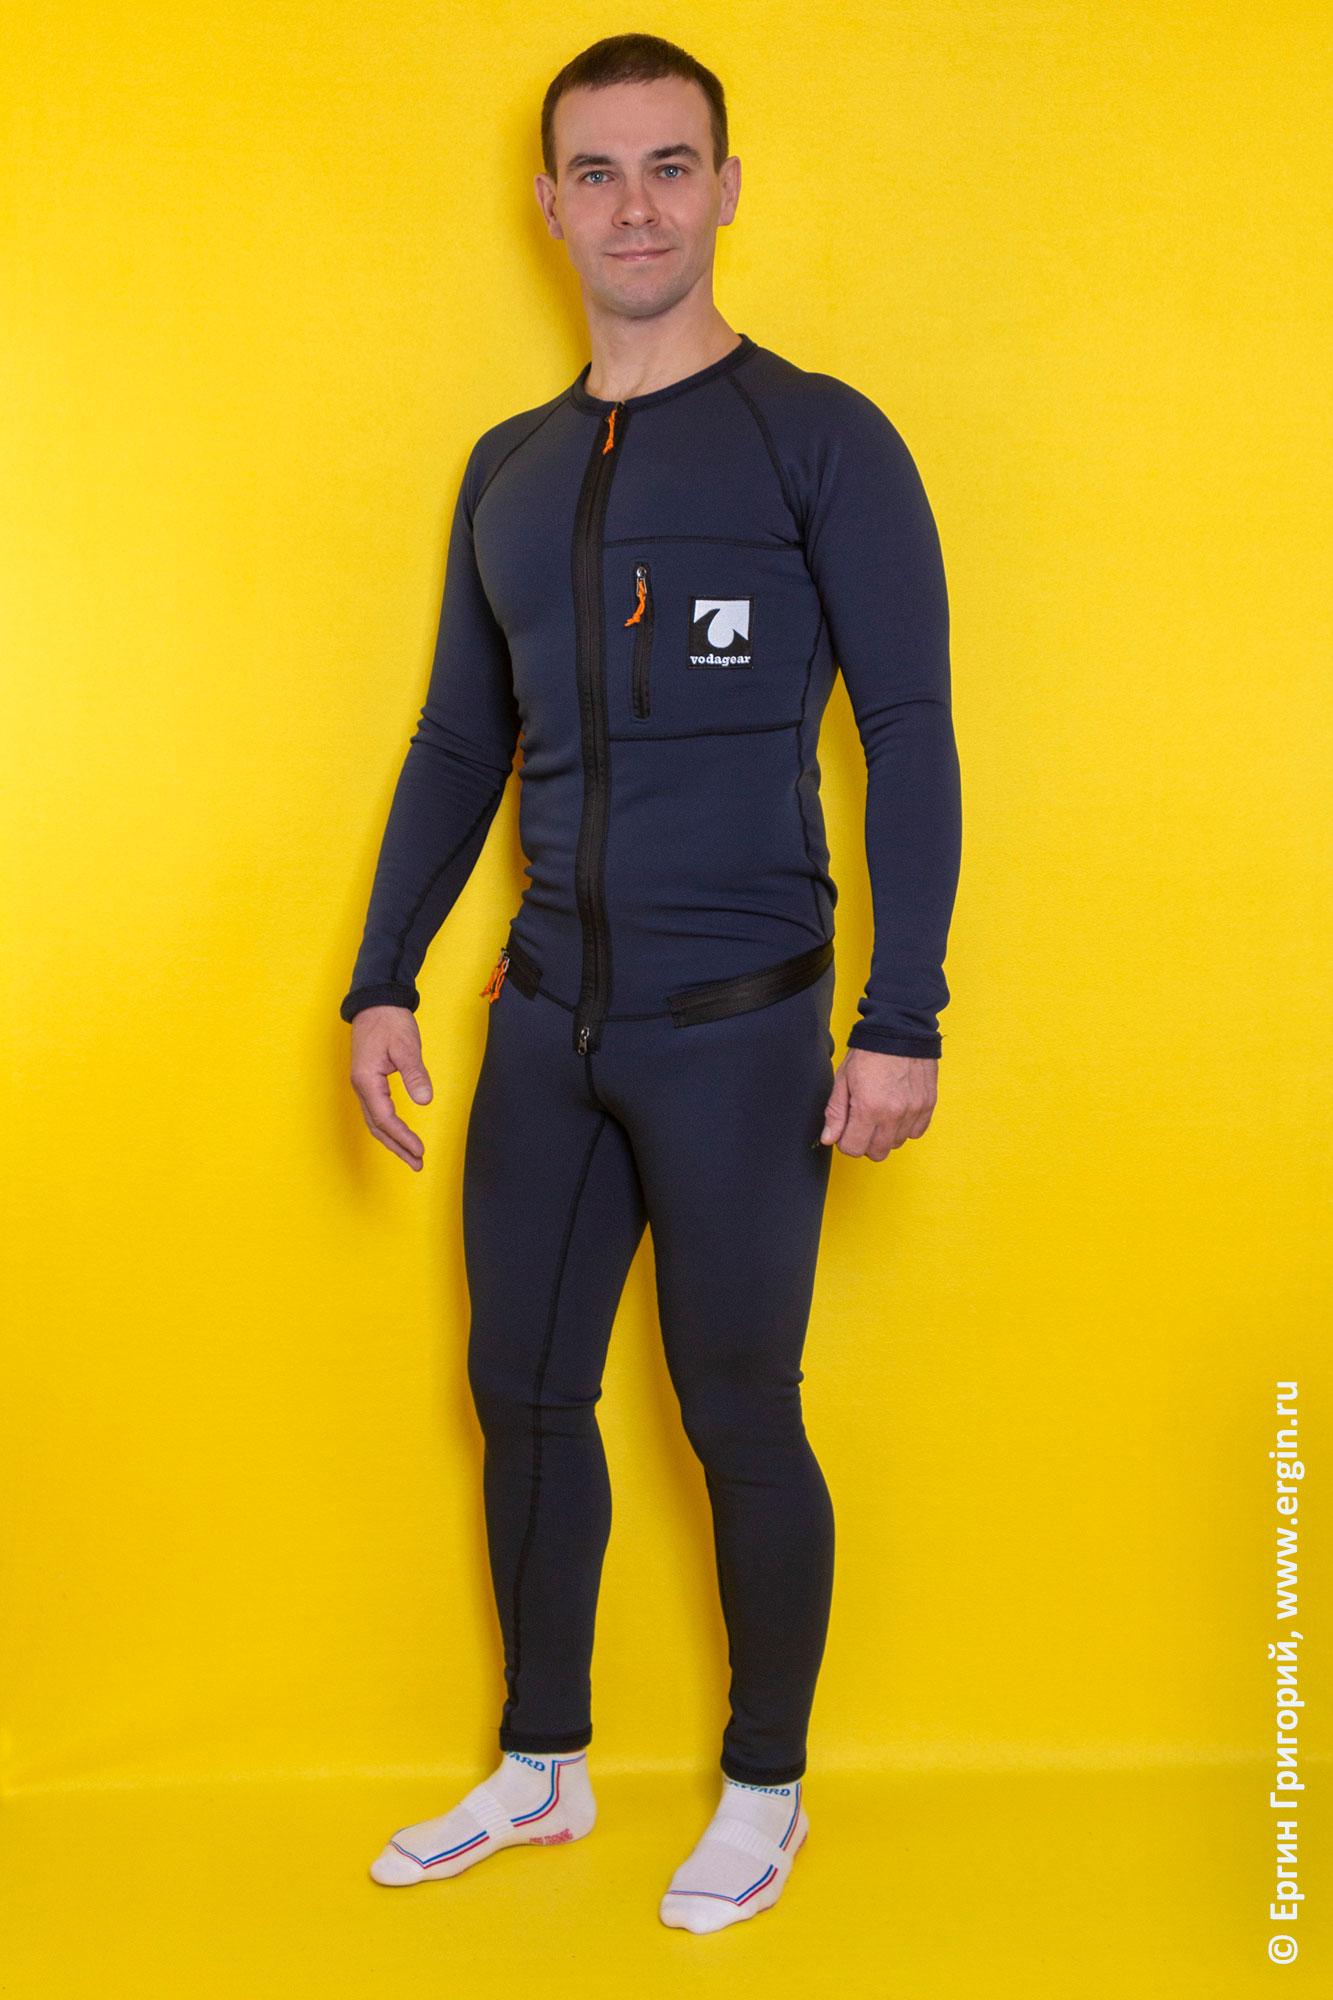 Термокомбинезон VodaGear для поддевания под сухой костюм каякера или сухую куртку со штанами